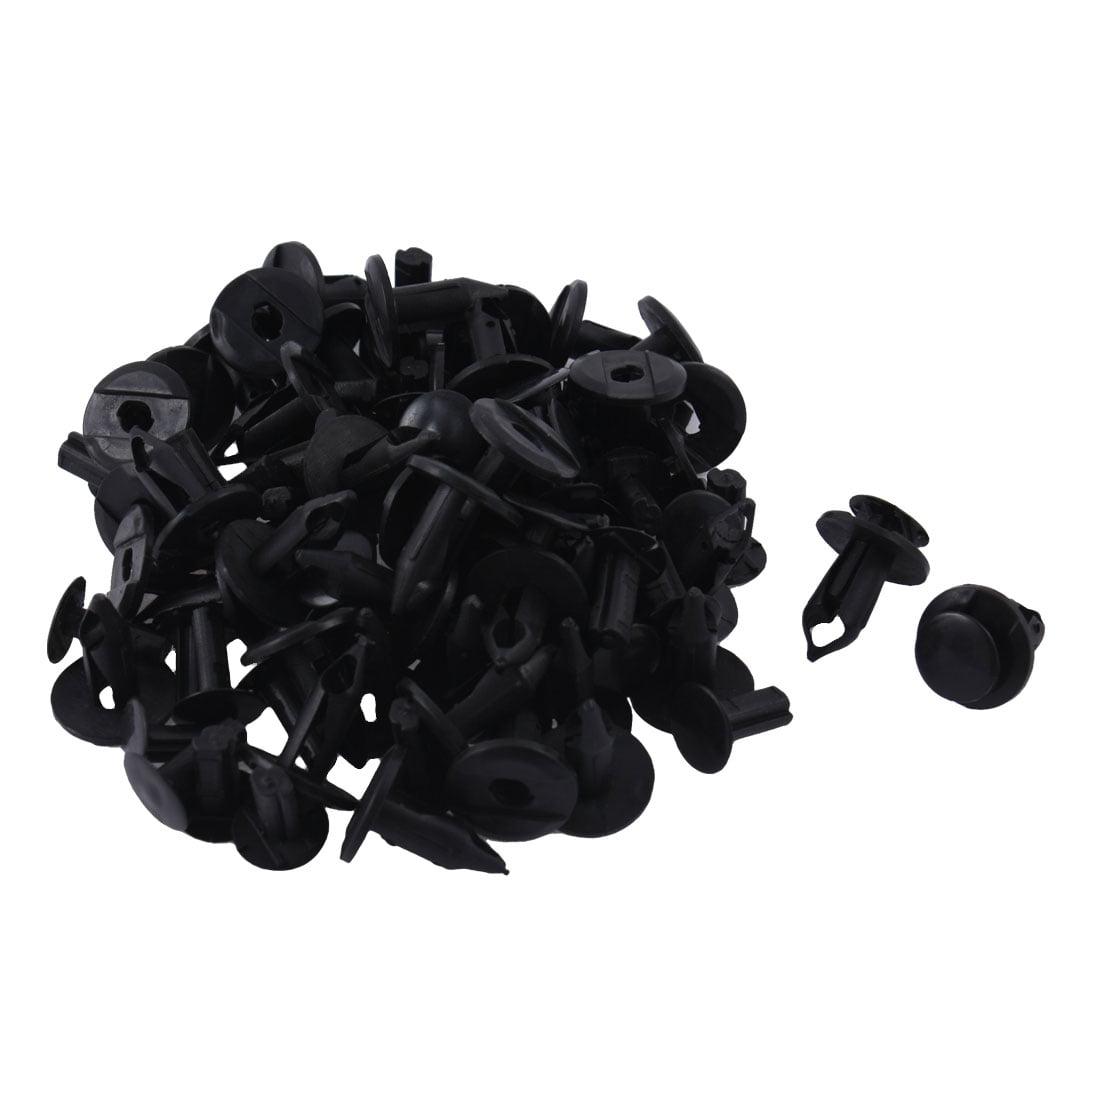 50 Pcs Black Plastic Rivet Fastener Auto Car Parts Panel Trim Clips 8mm Hole